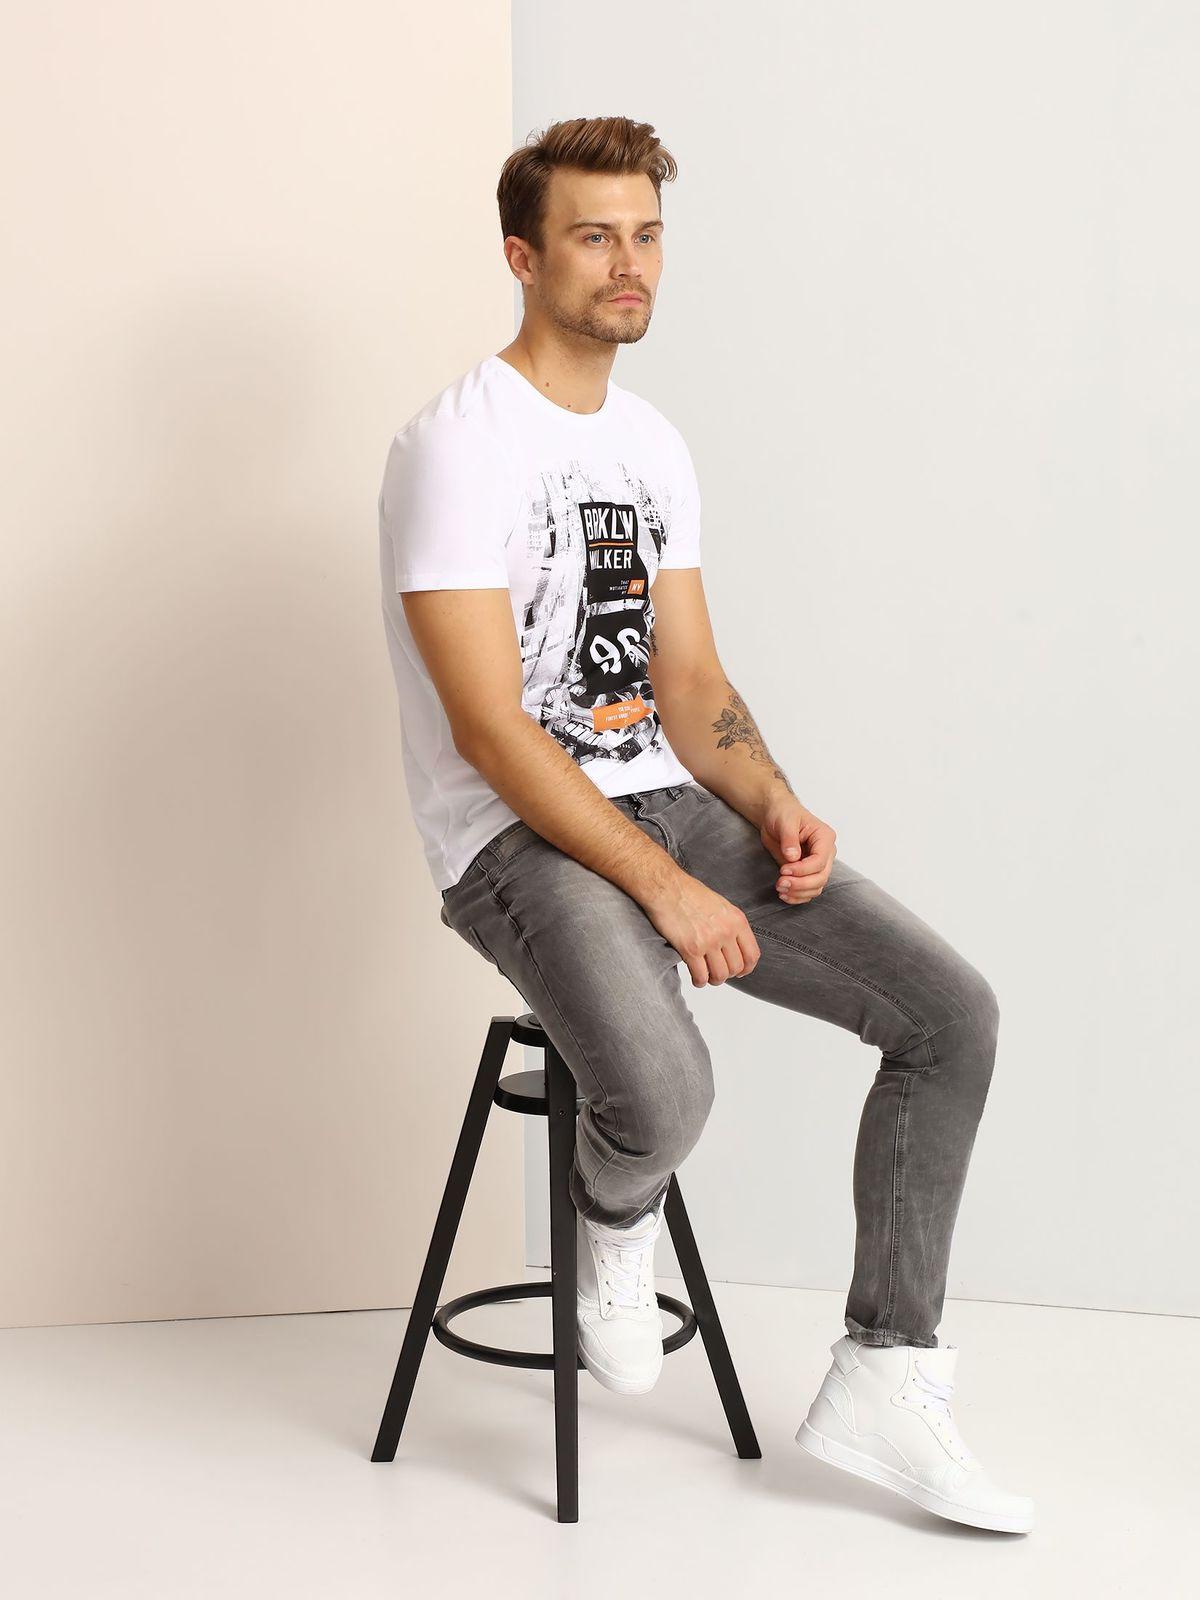 ФутболкаSPO2810BIМужская футболка, выполненная из 100% хлопка, оформлена ярким принтом с надписью. Модель со стандартным коротким рукавом и круглым вырезом горловины.